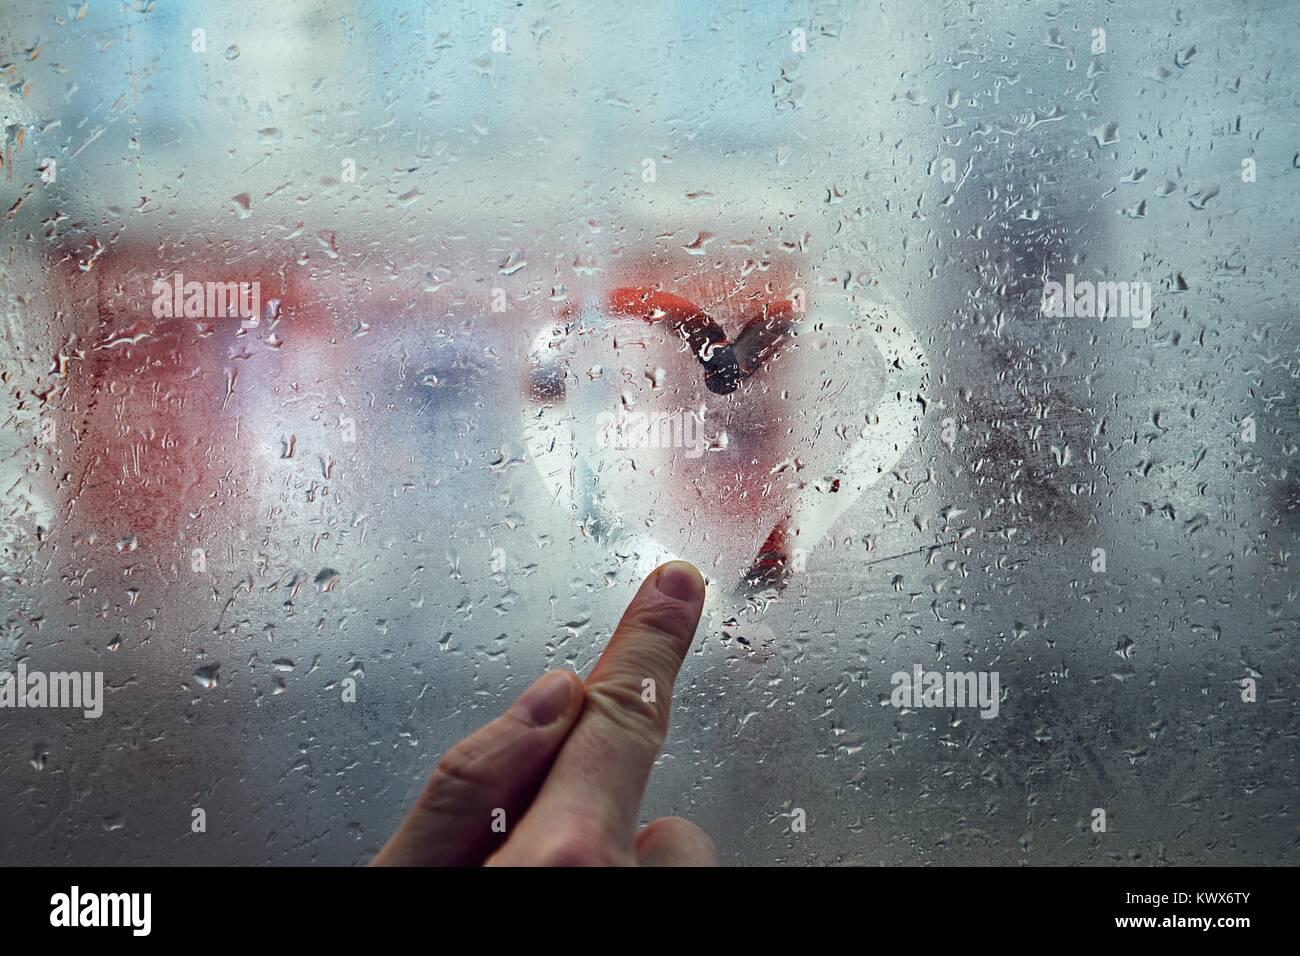 Le jeune homme du doigt en forme de coeur dessin sur la fenêtre avec les gouttes de pluie contre city street. Photo Stock